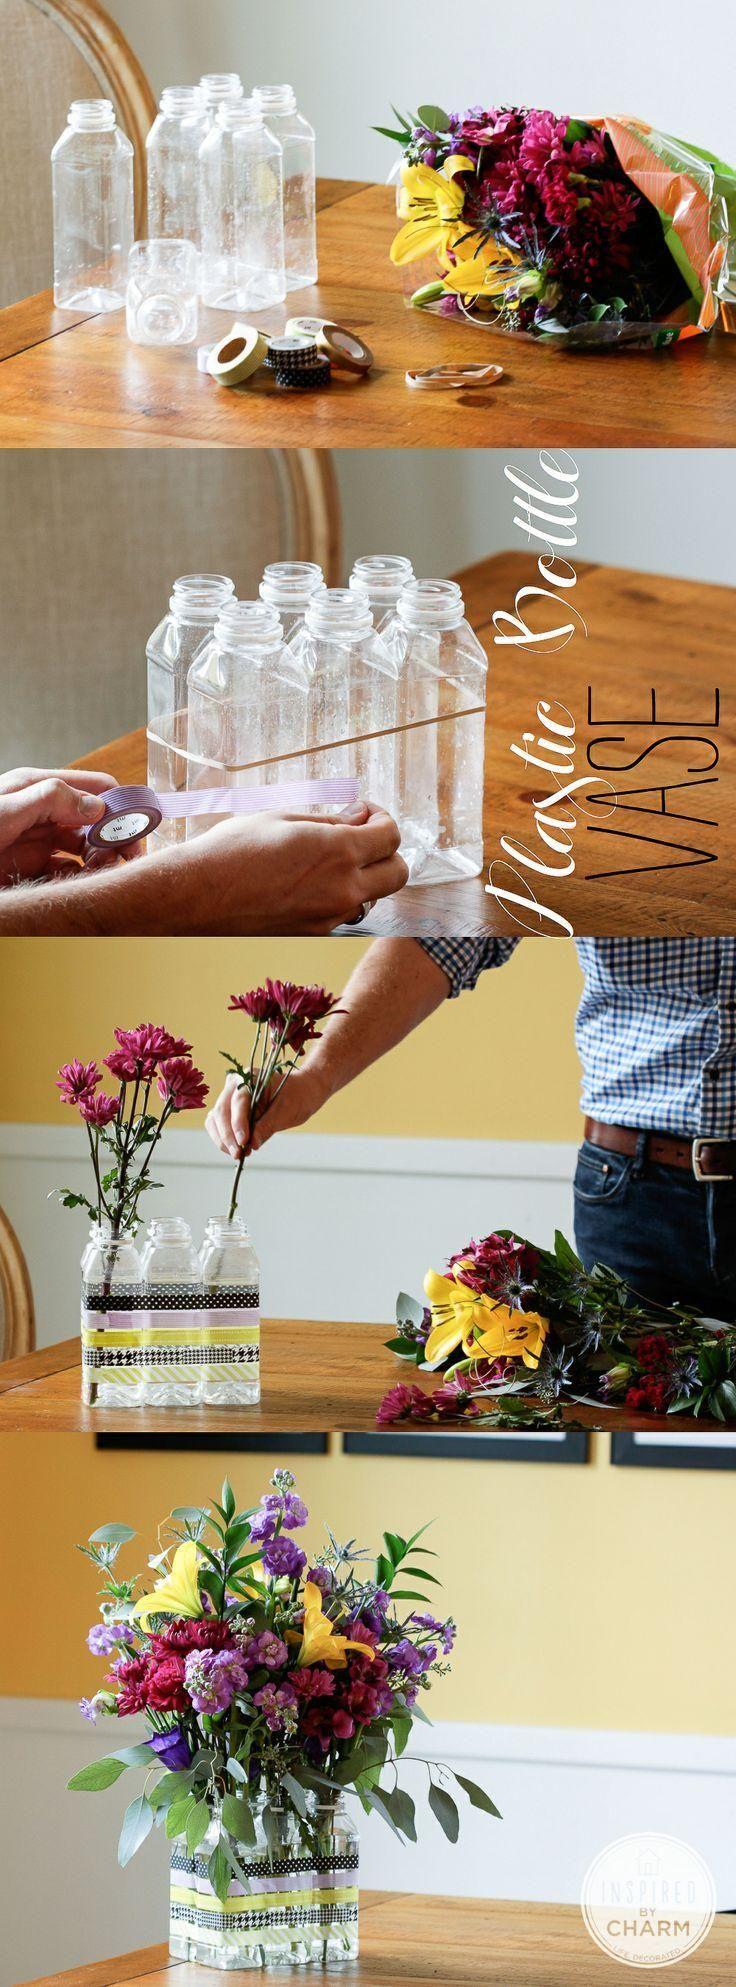 Neat way of doing a vase arrangement